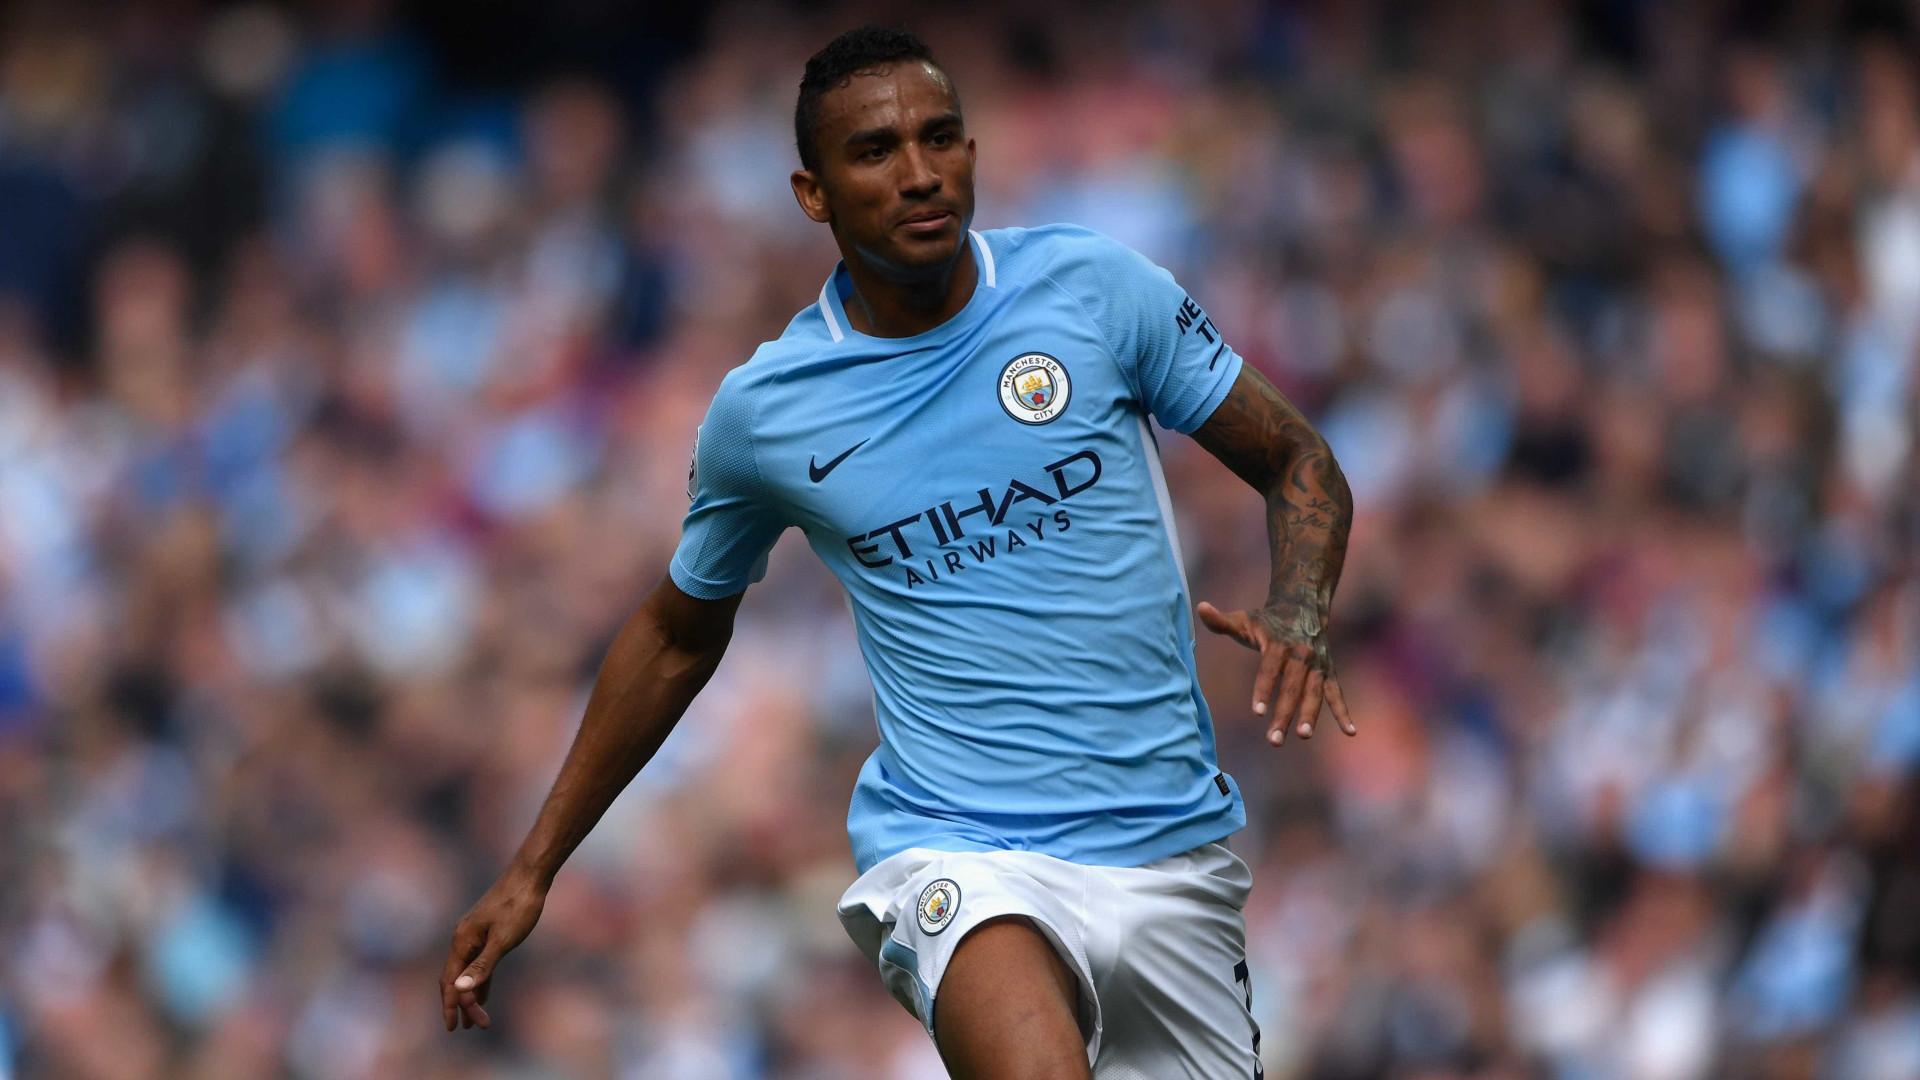 Danilo equaciona saída do Manchester City em janeiro